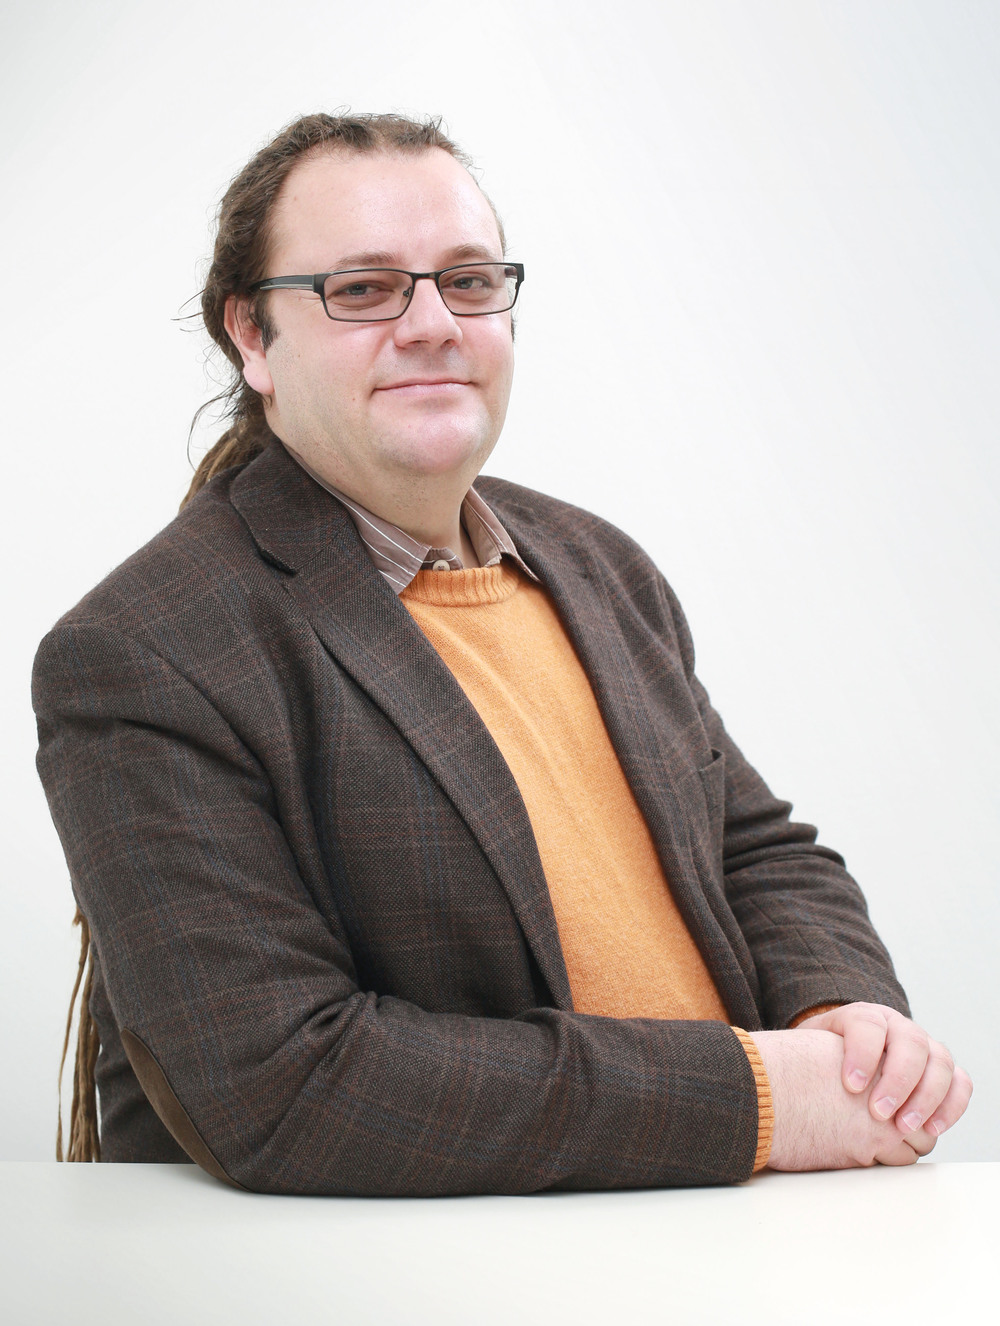 Robert Alagjozovski